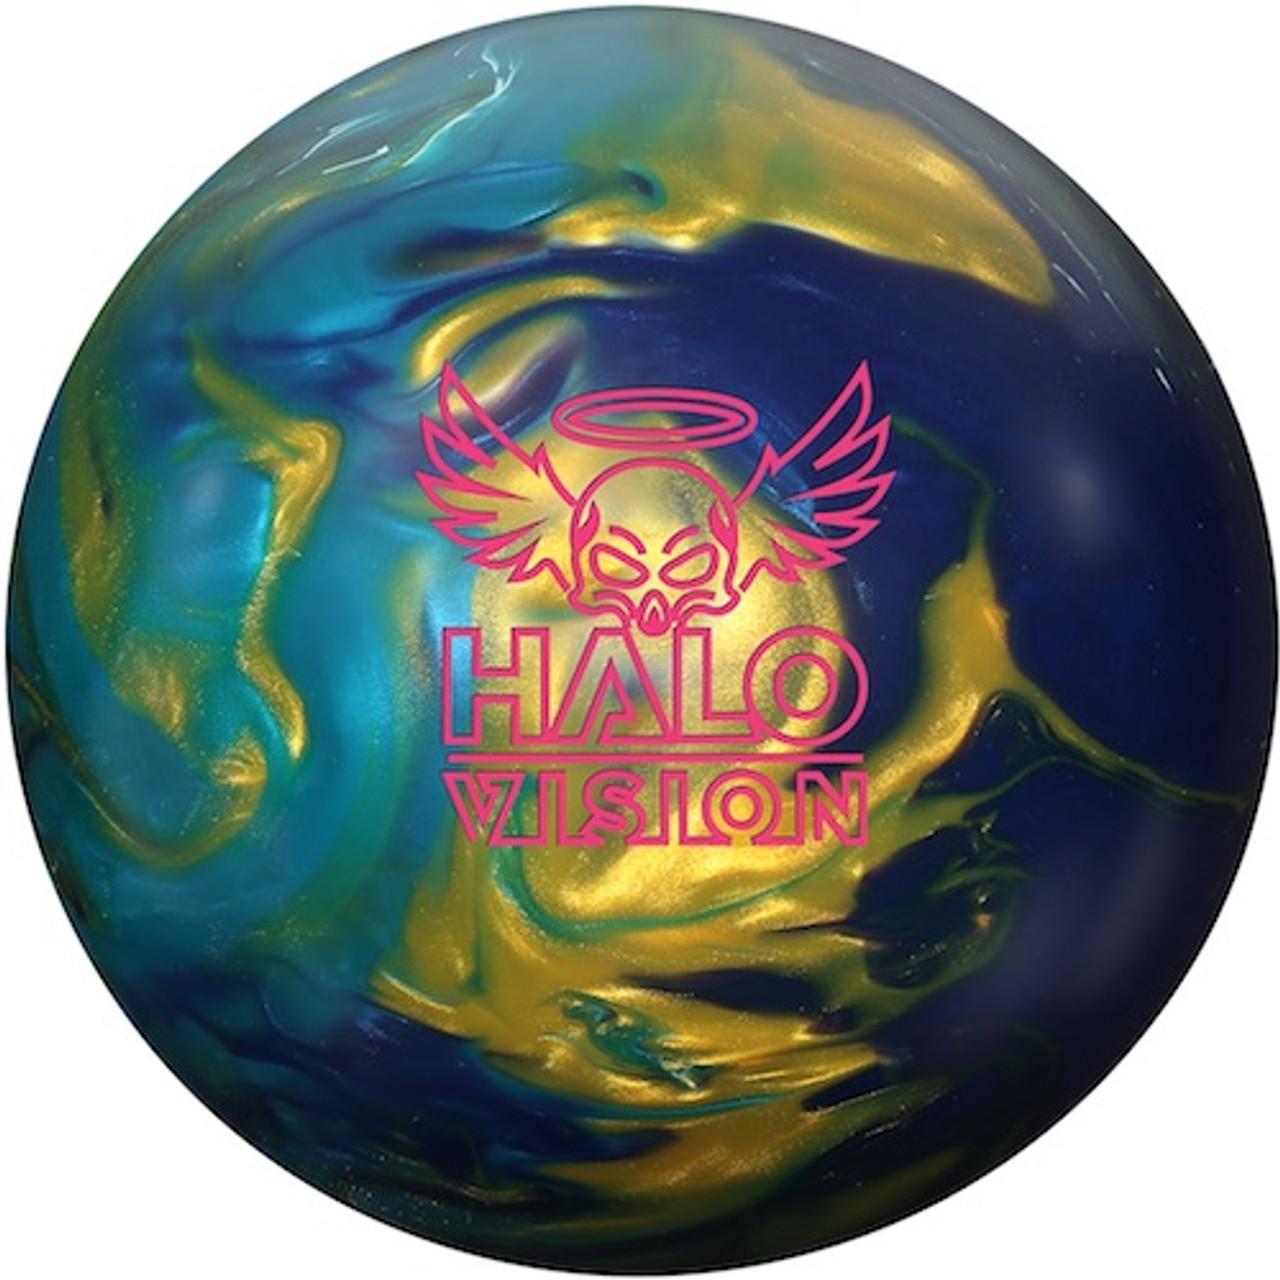 Roto-Grip Halo Vision Bowling Ball